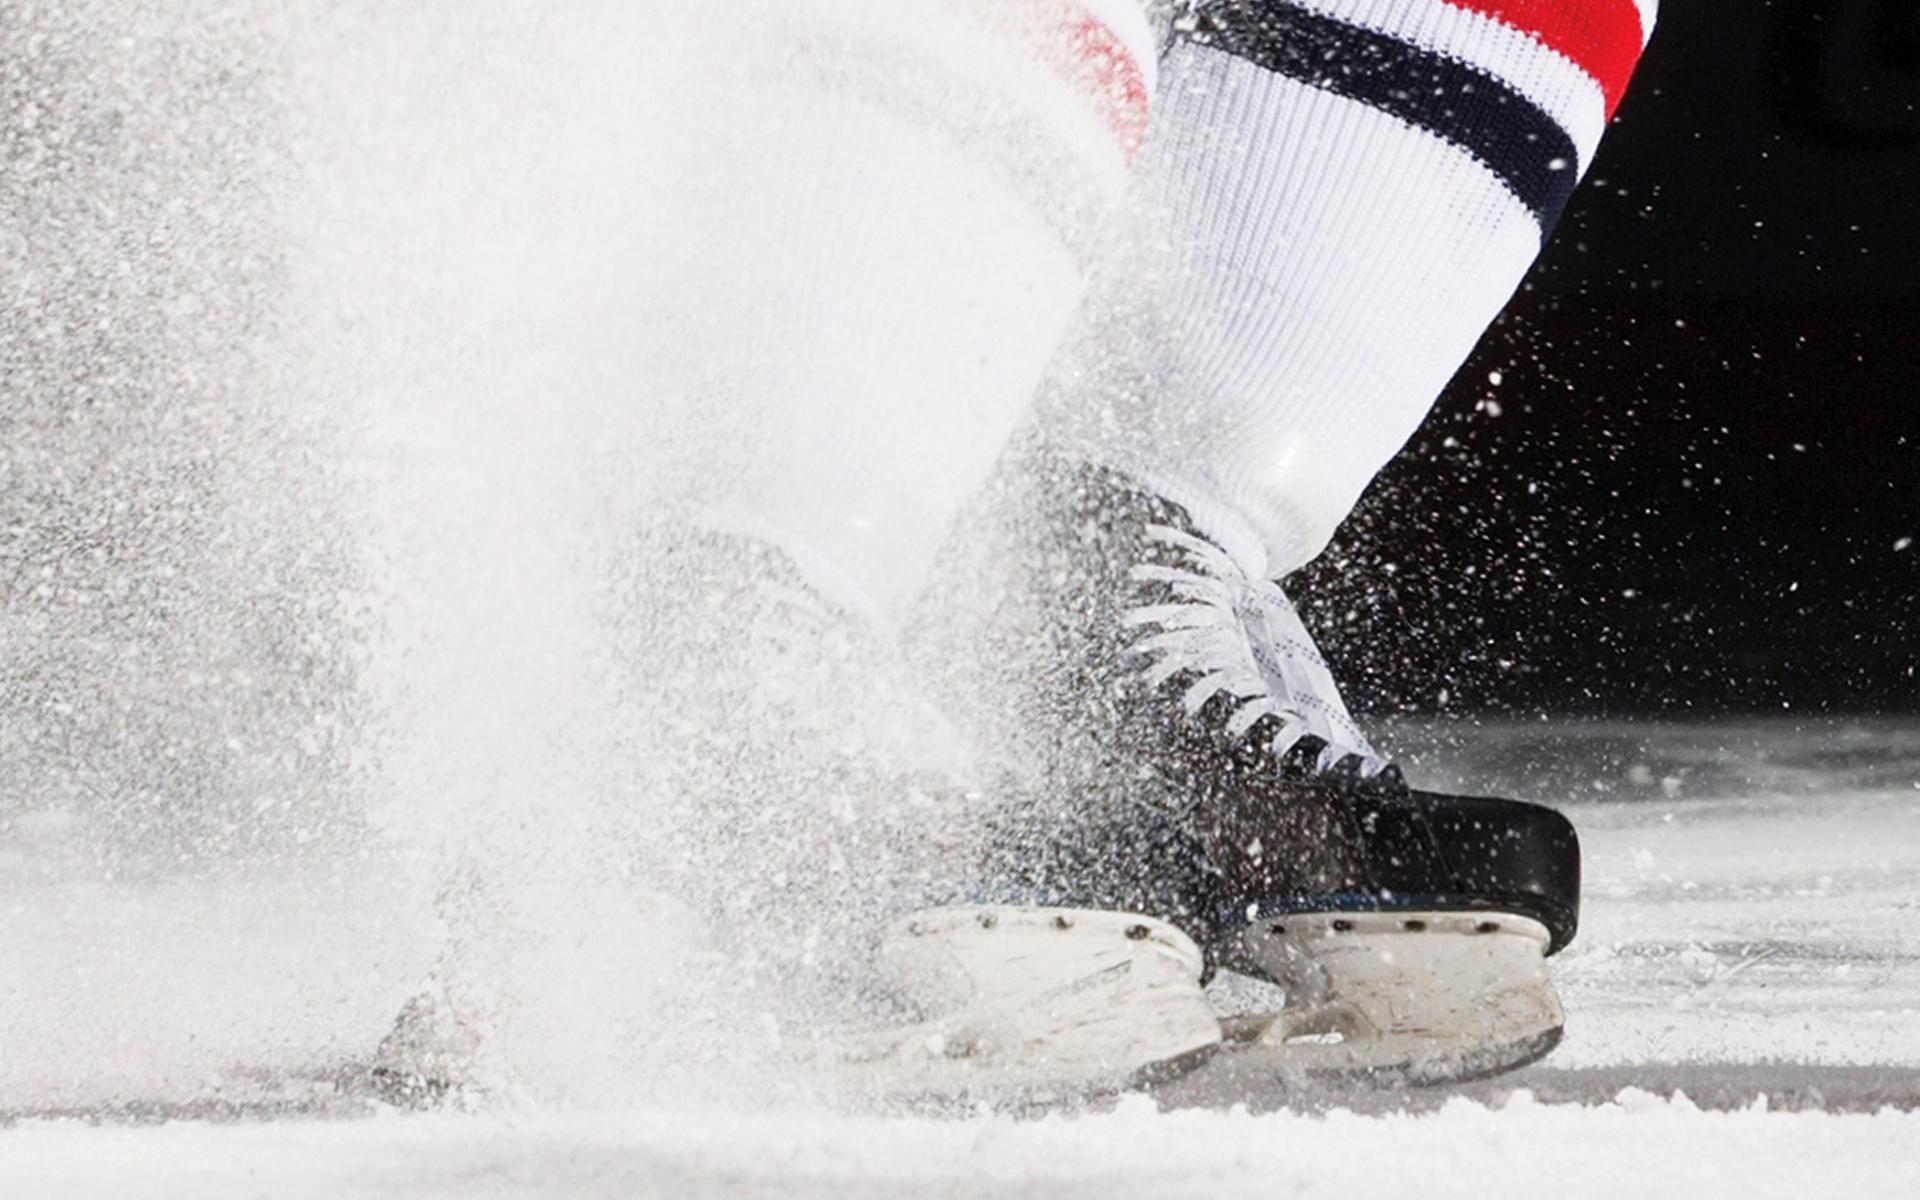 хоккей, коньки лед, скачать фото